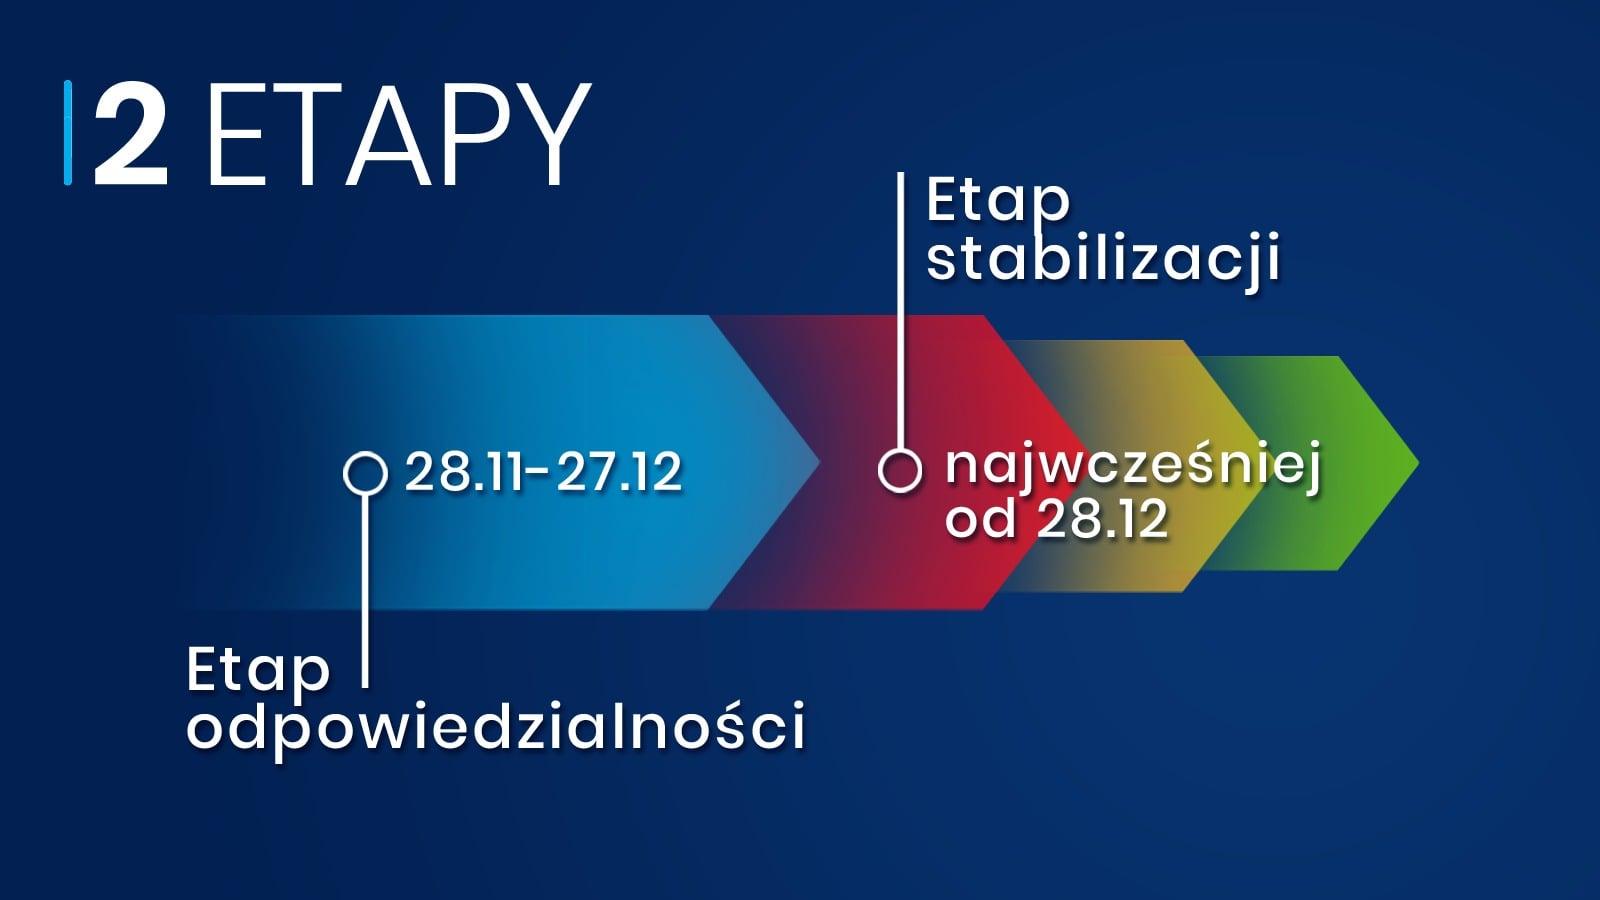 Najwcześniej od 28 grudnia etap stabilizacji  - Zdjęcie główne